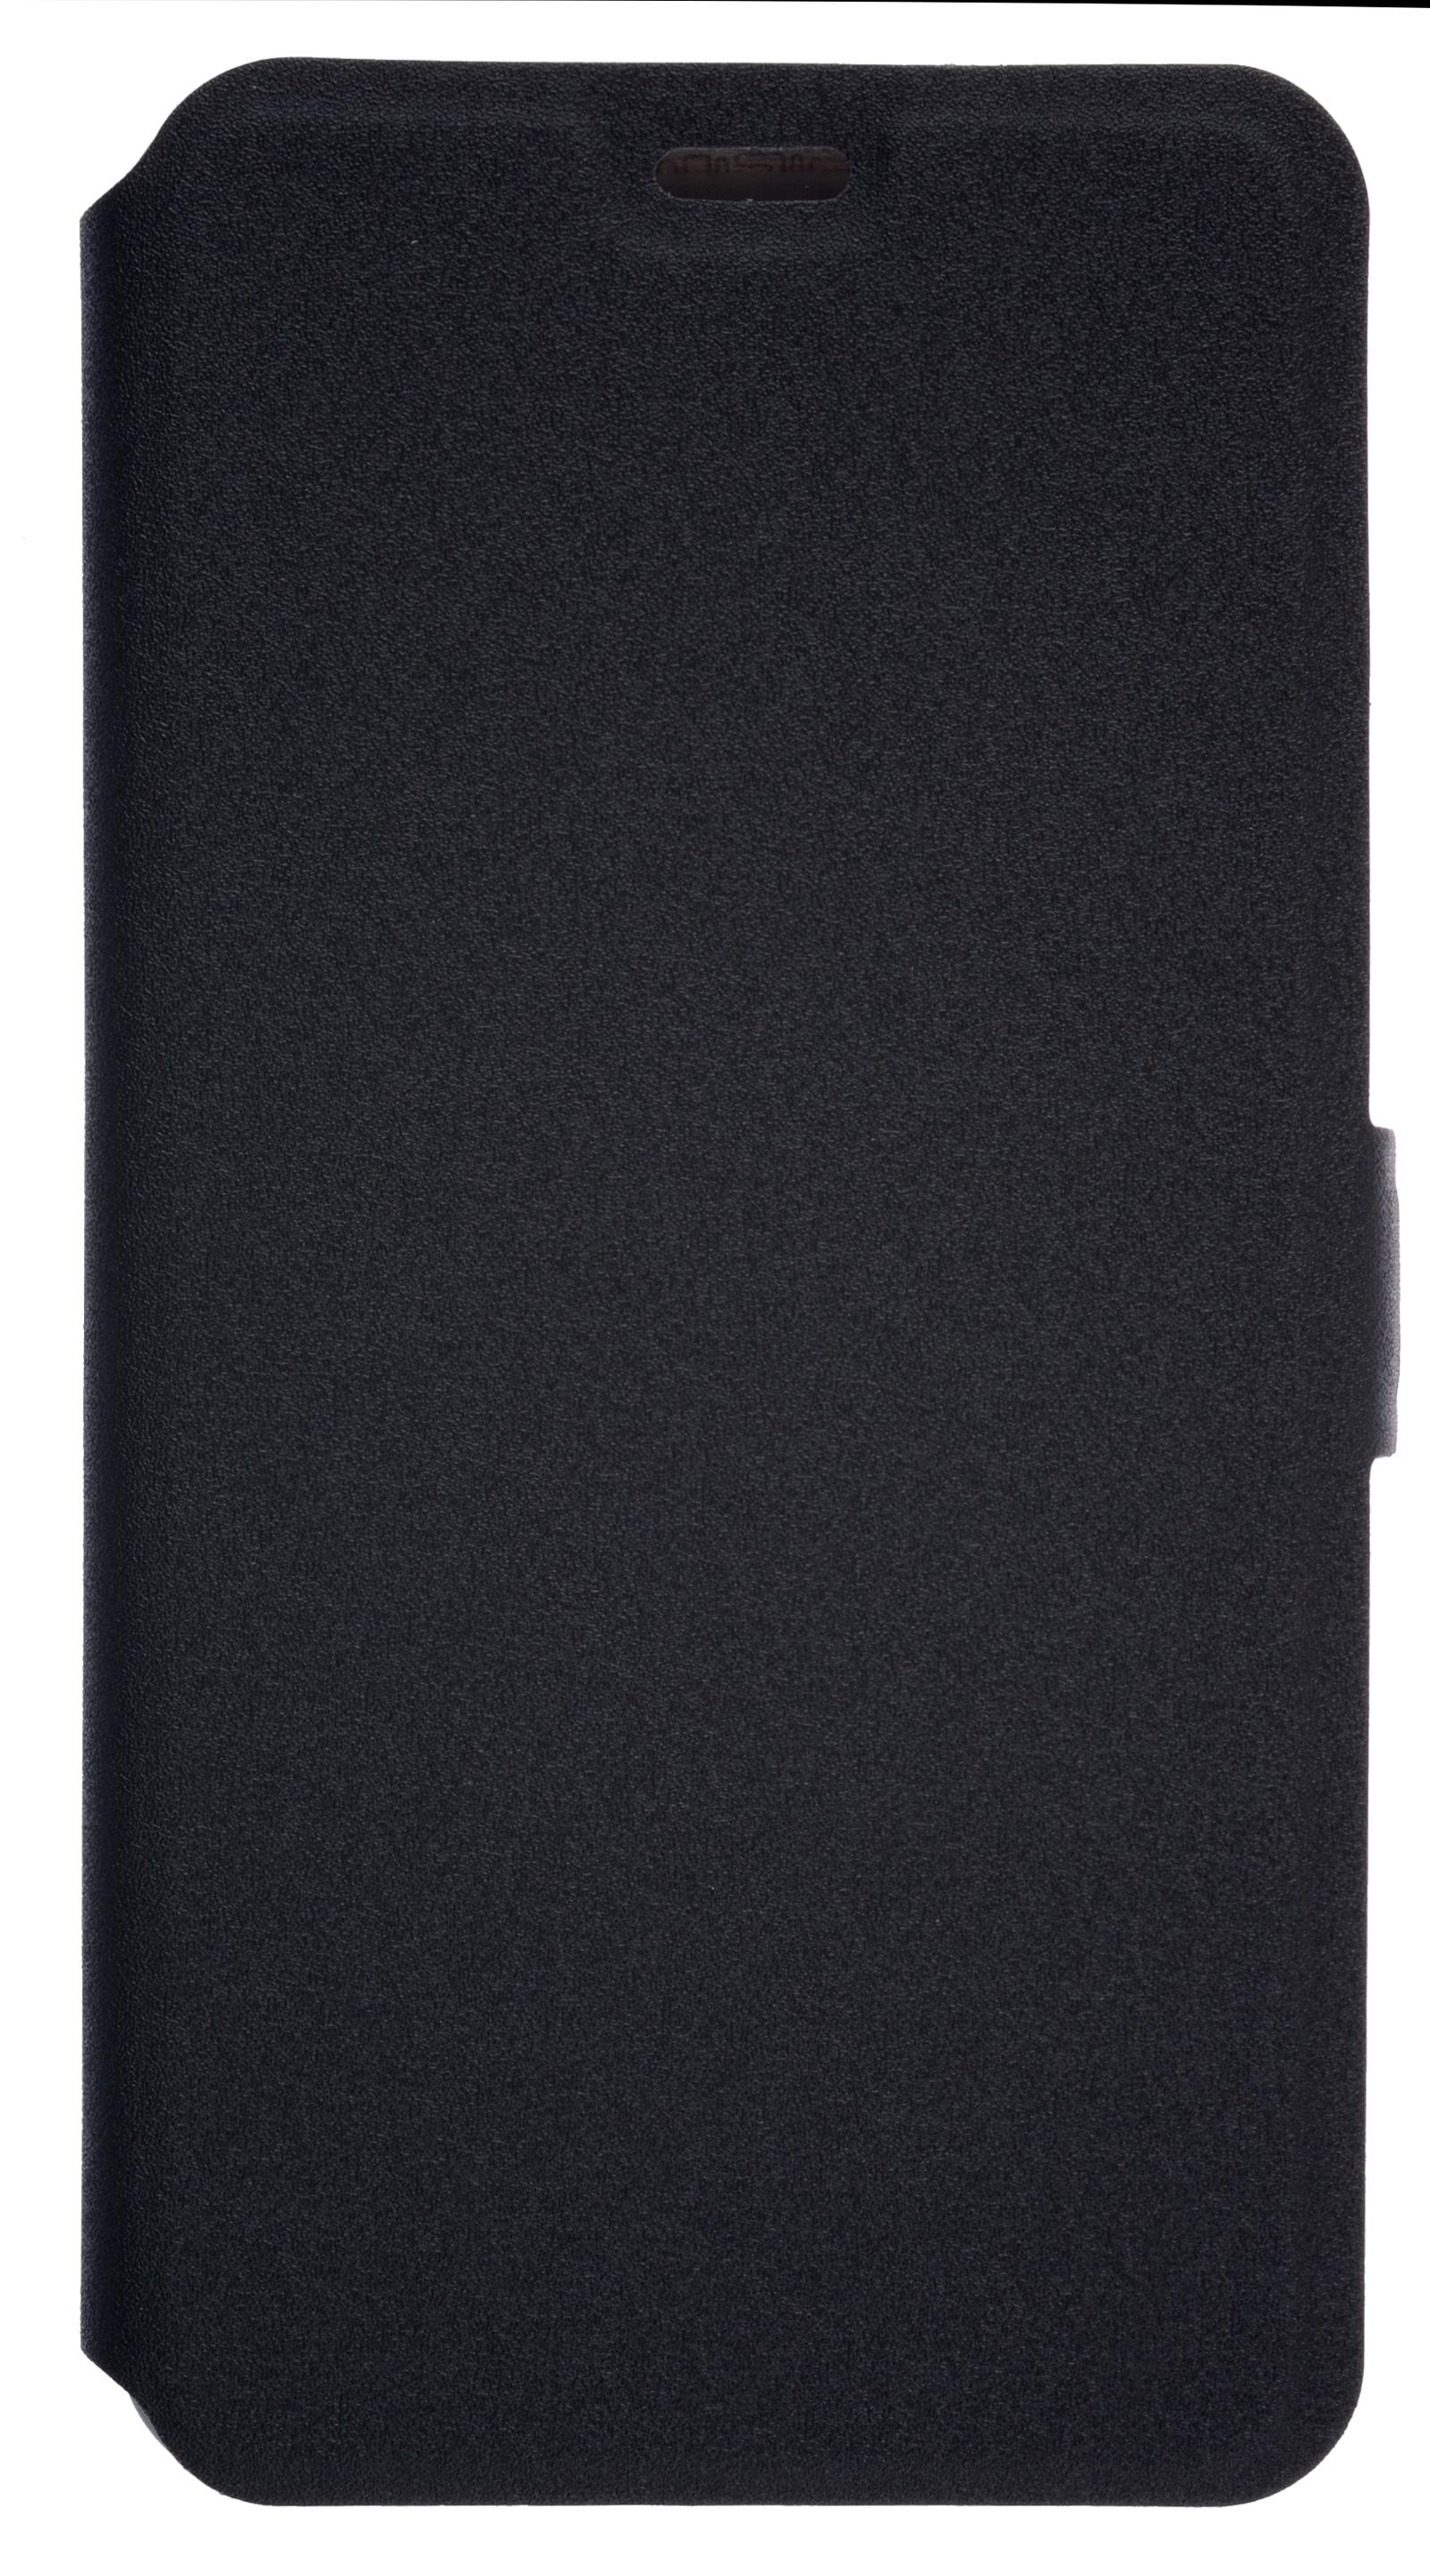 Чехол для сотового телефона PRIME Book, 4630042529601, черный prime book чехол книжка для meizu m5c red